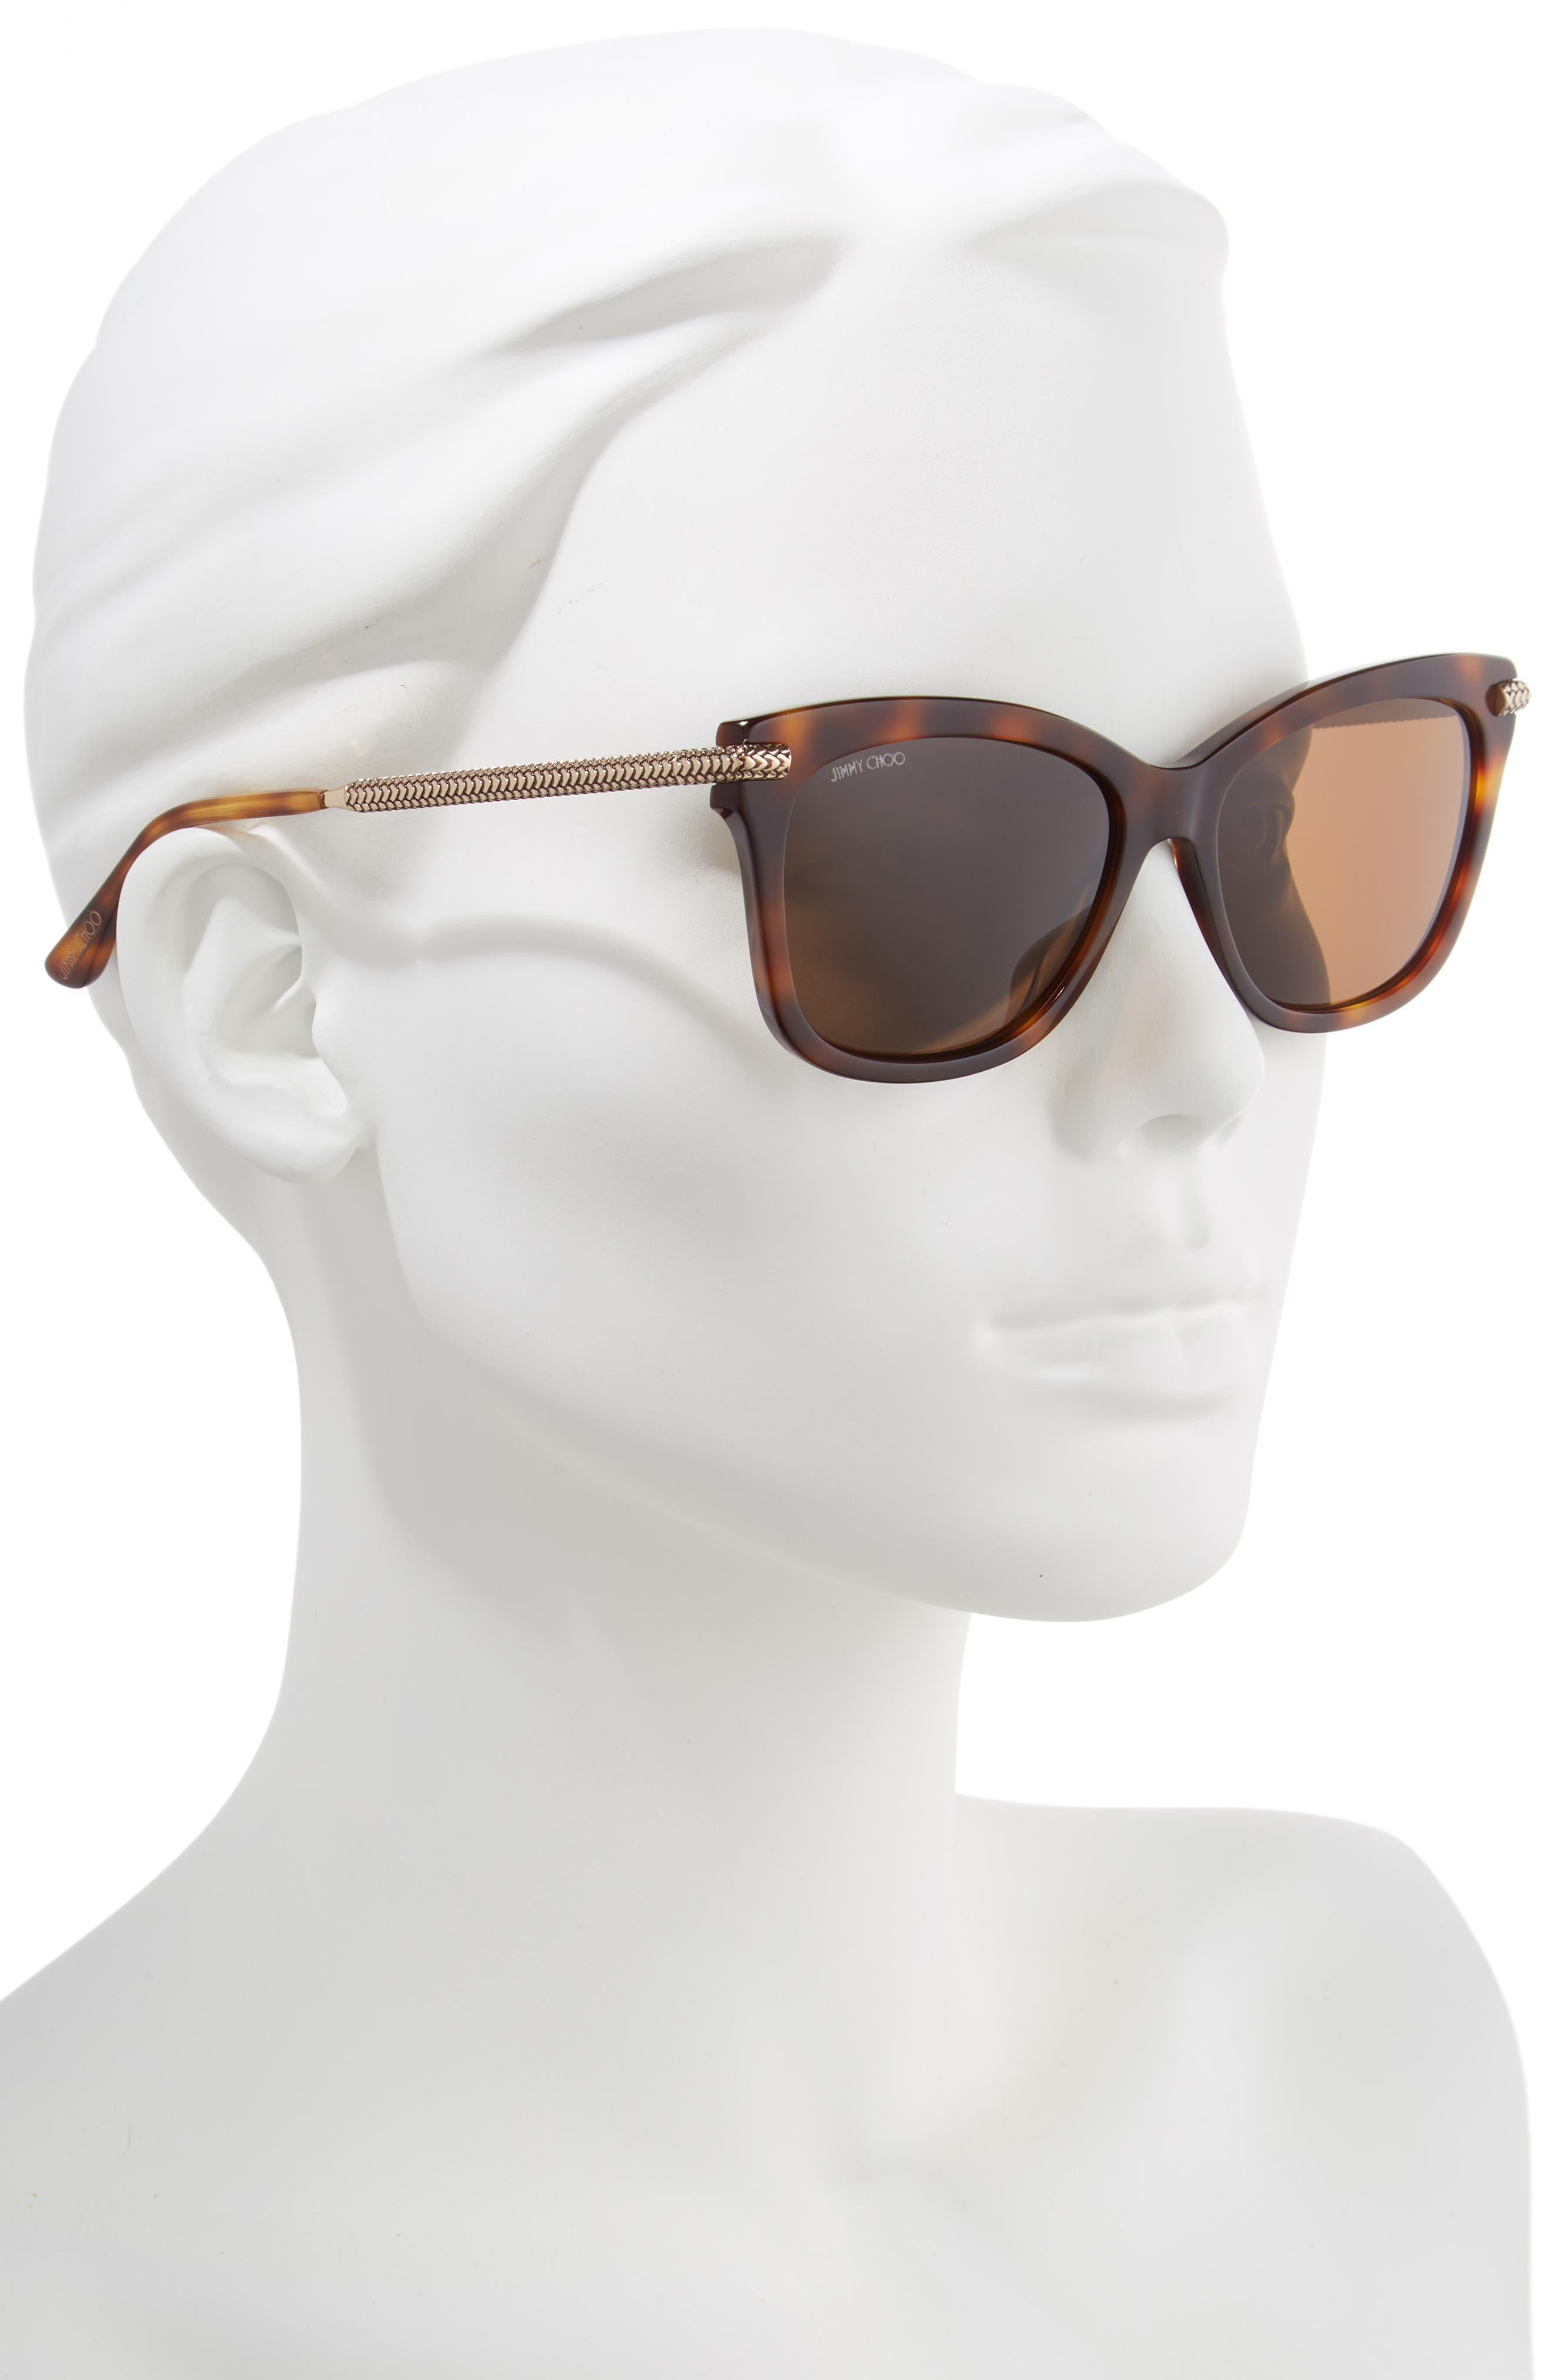 9c0f93fa867 Jimmy Choo Sunglasses for Women